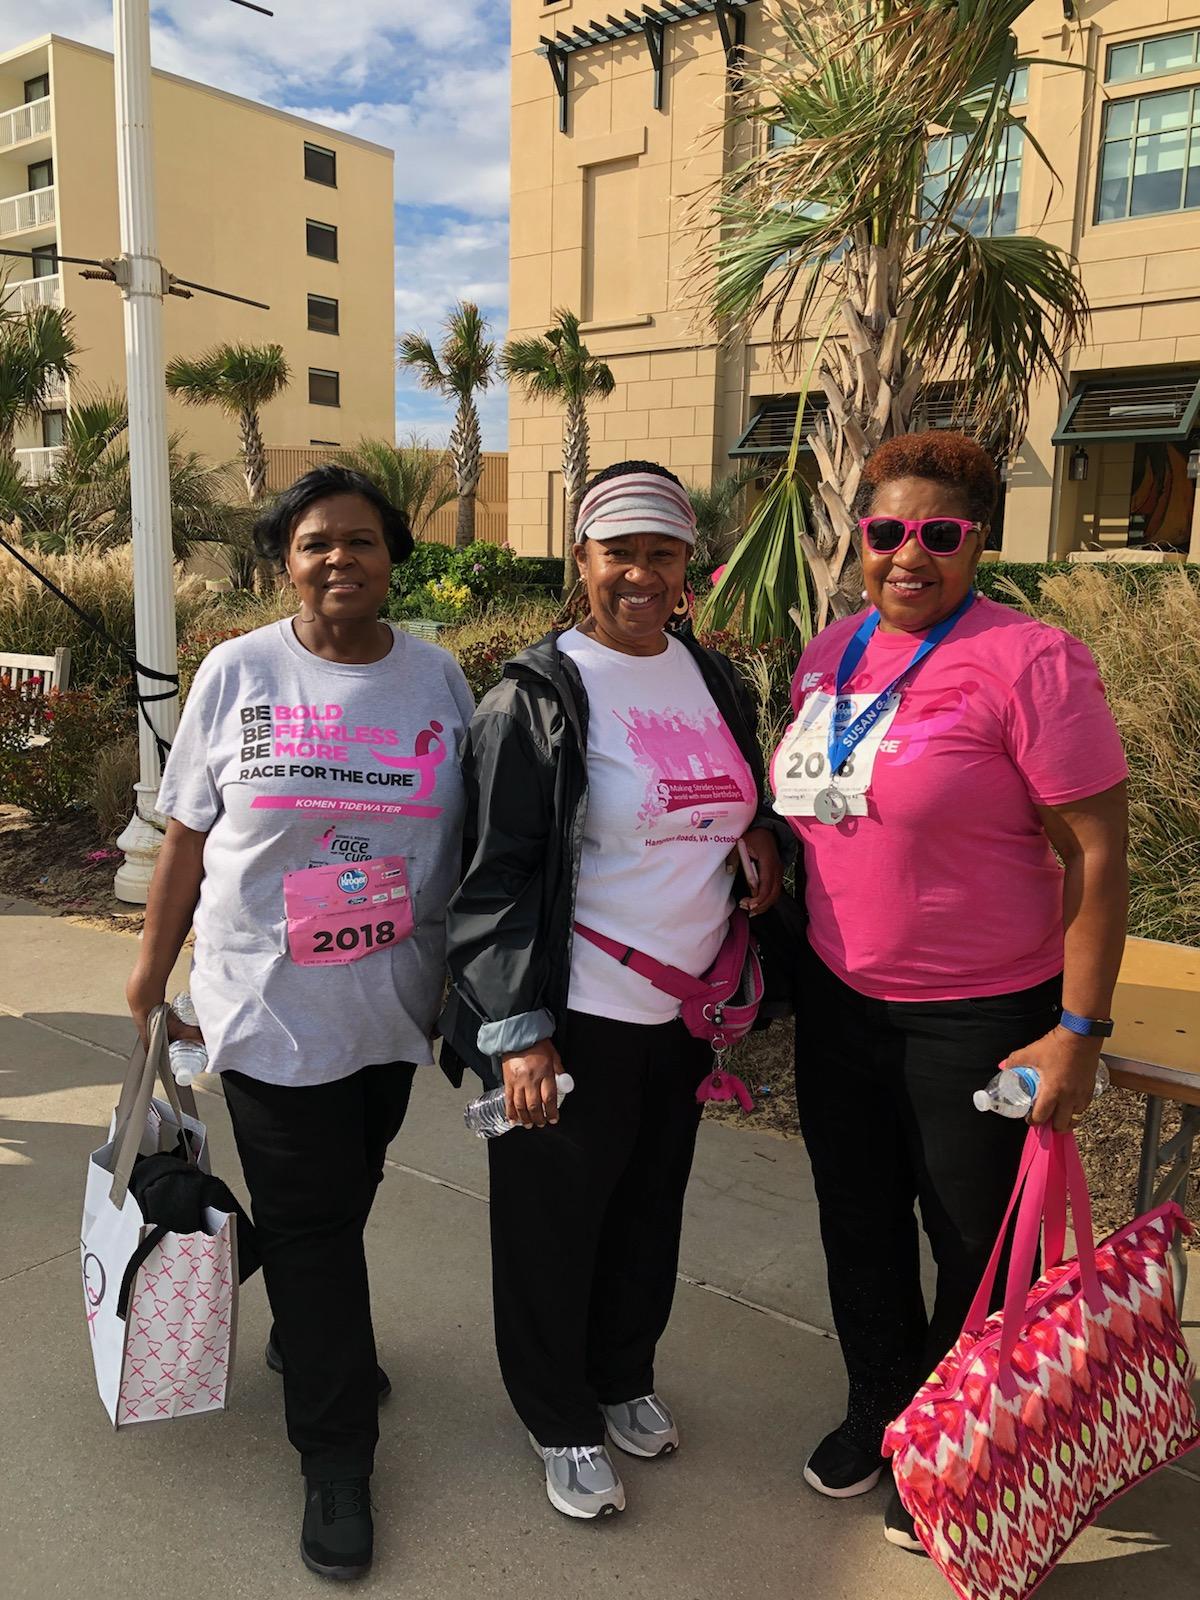 Hampton Roads Walking Group/HR_WalkingGroup 11.jpeg